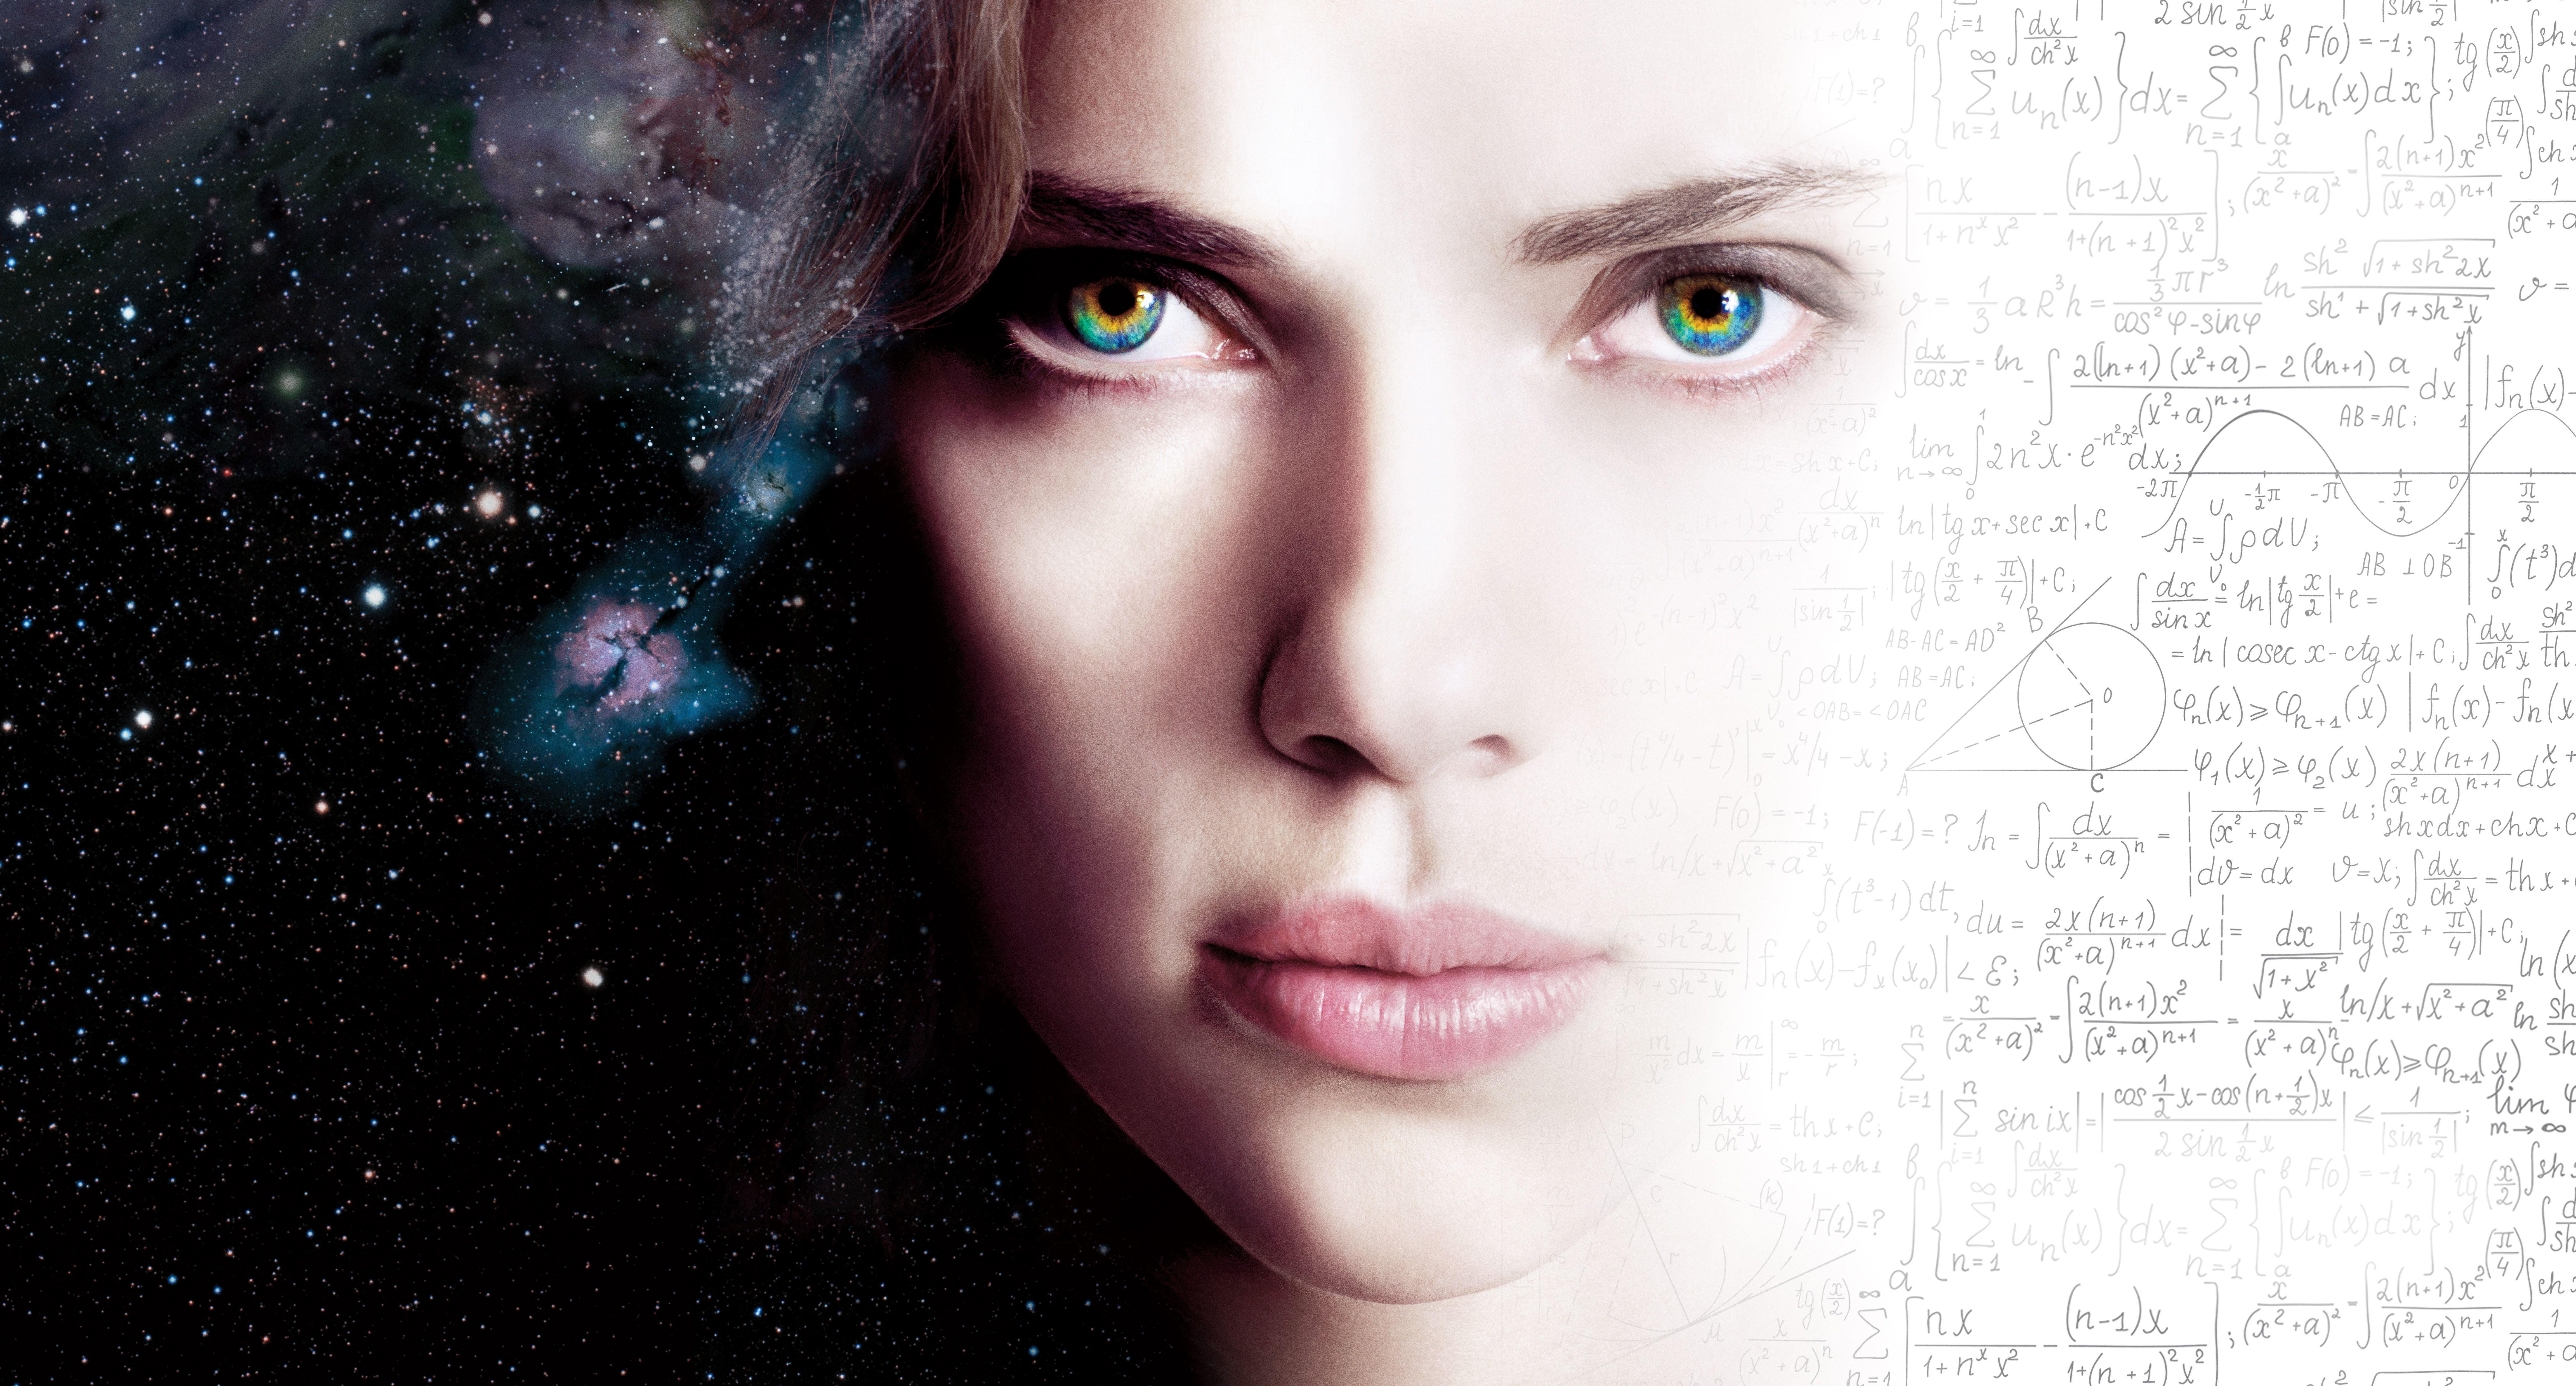 Scarlett Johansson Lucy Wallpapers Top Free Scarlett Johansson